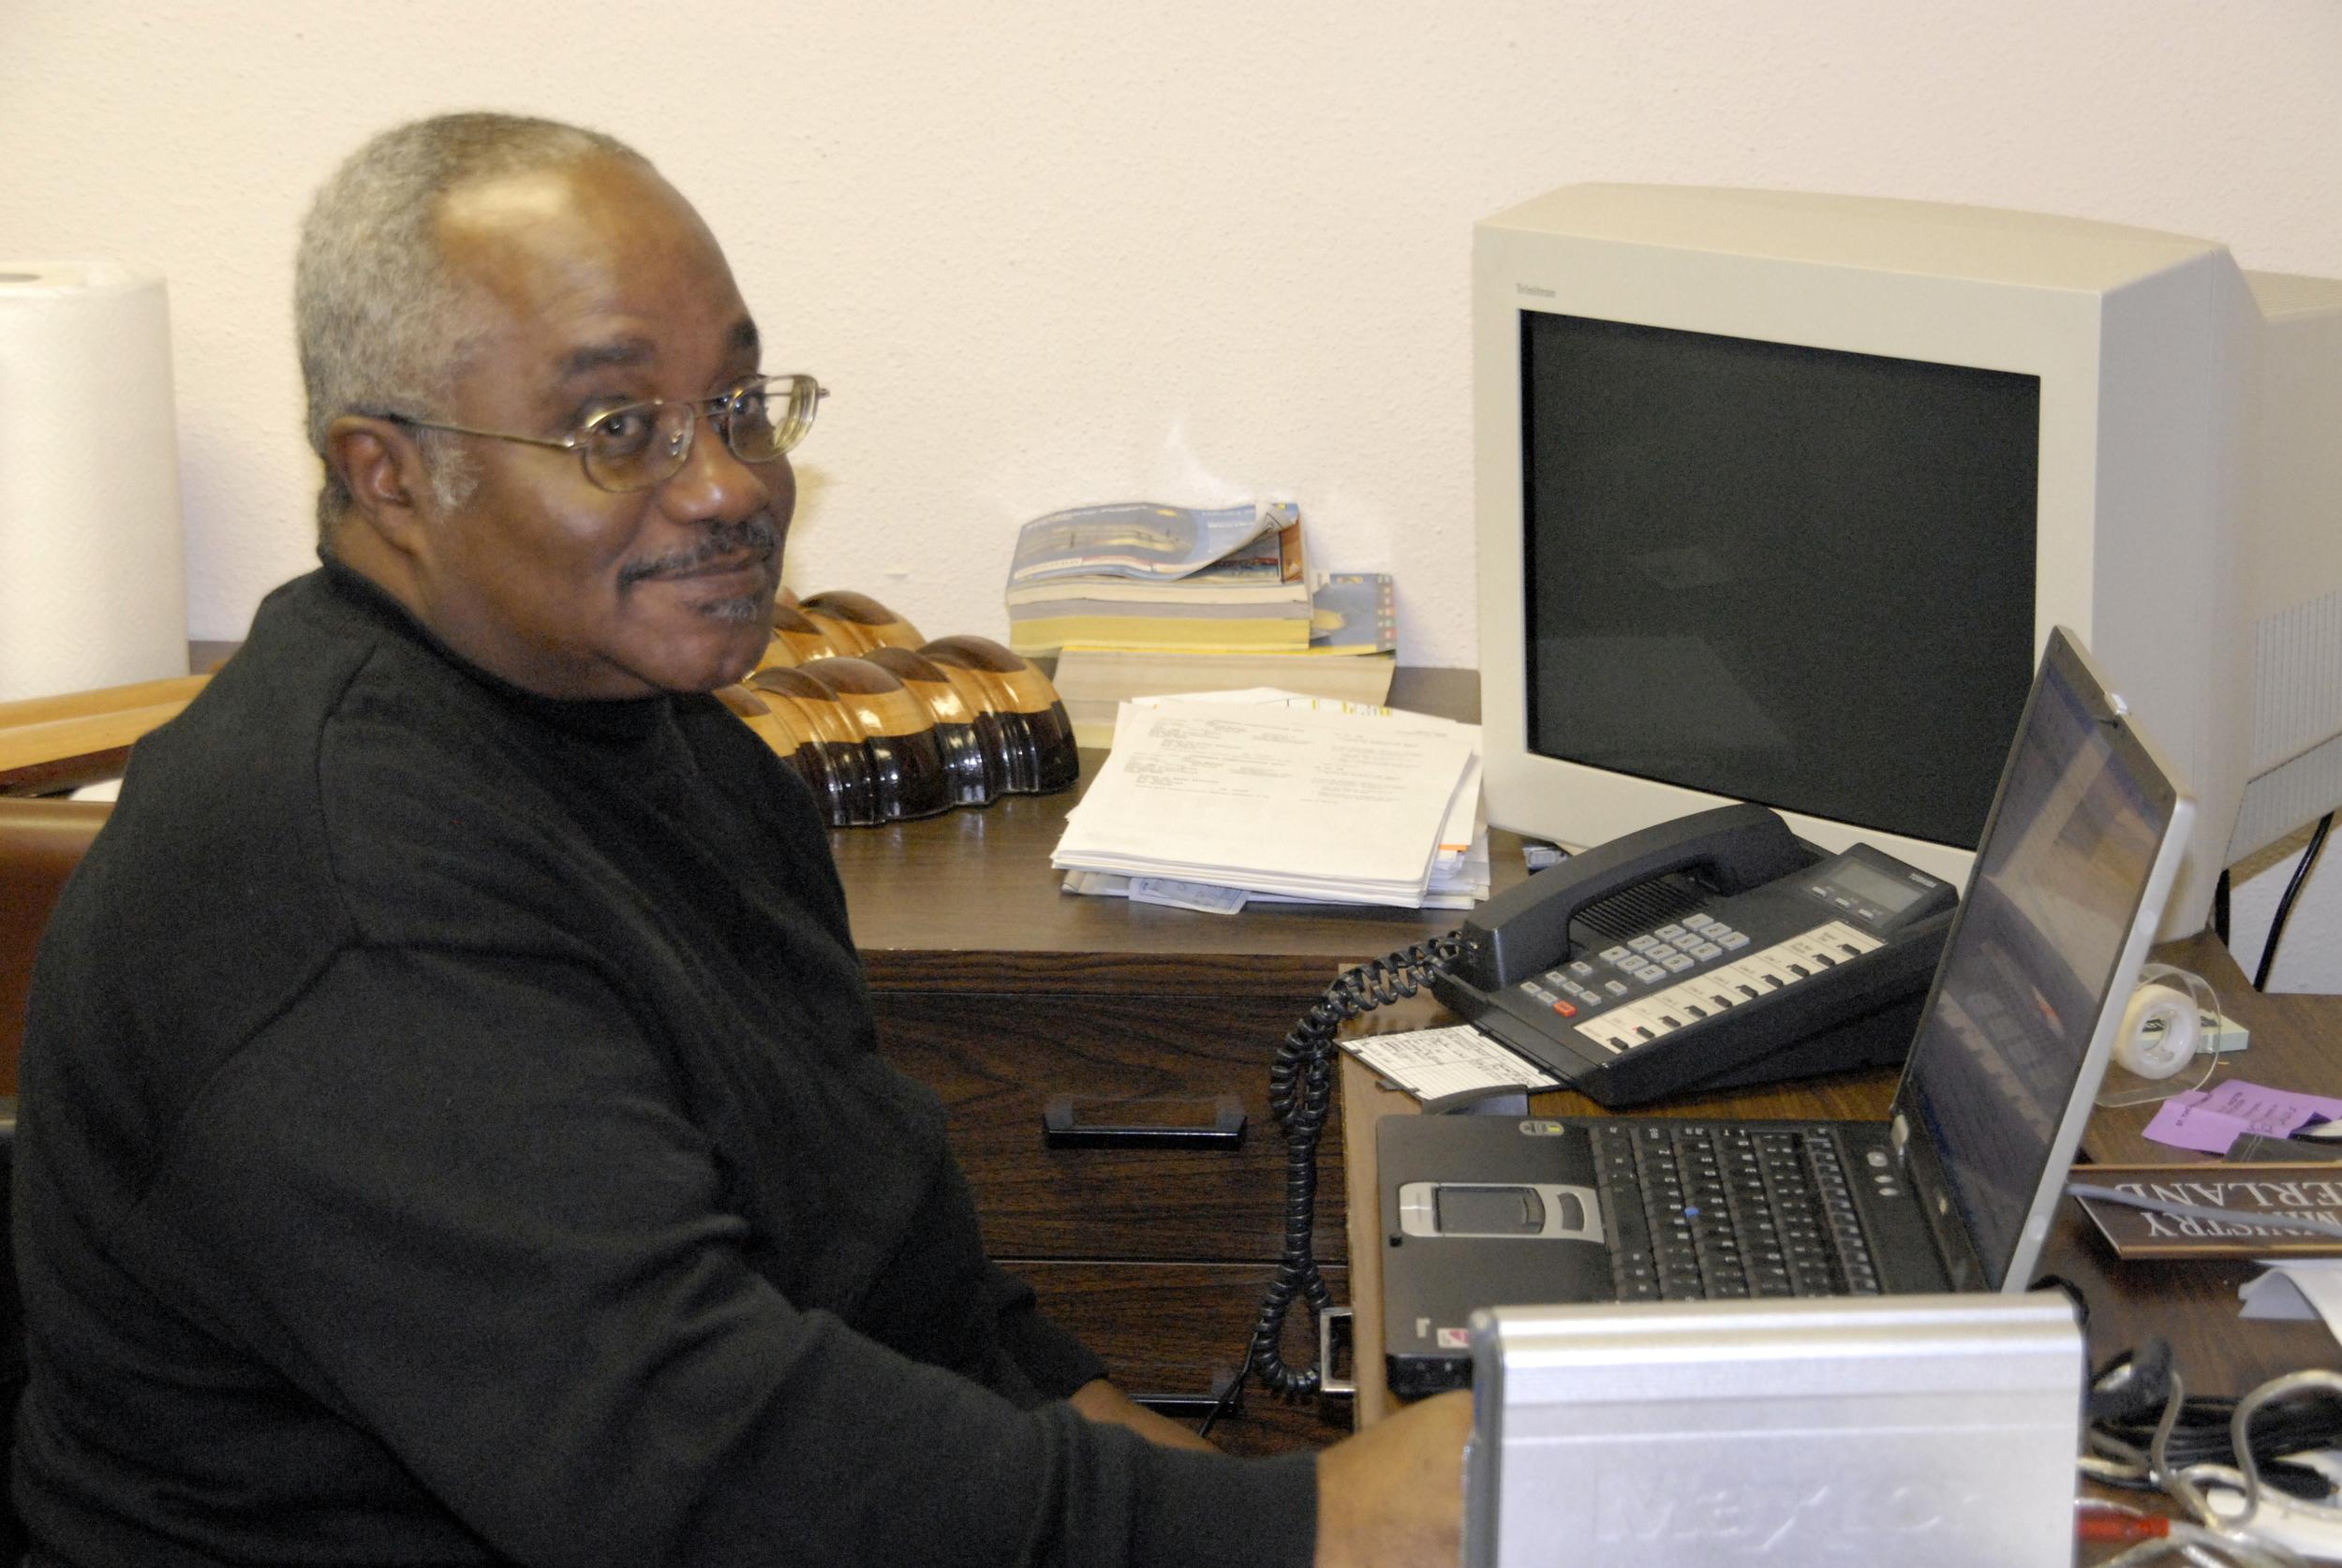 Wade Southerland at Desk.jpg